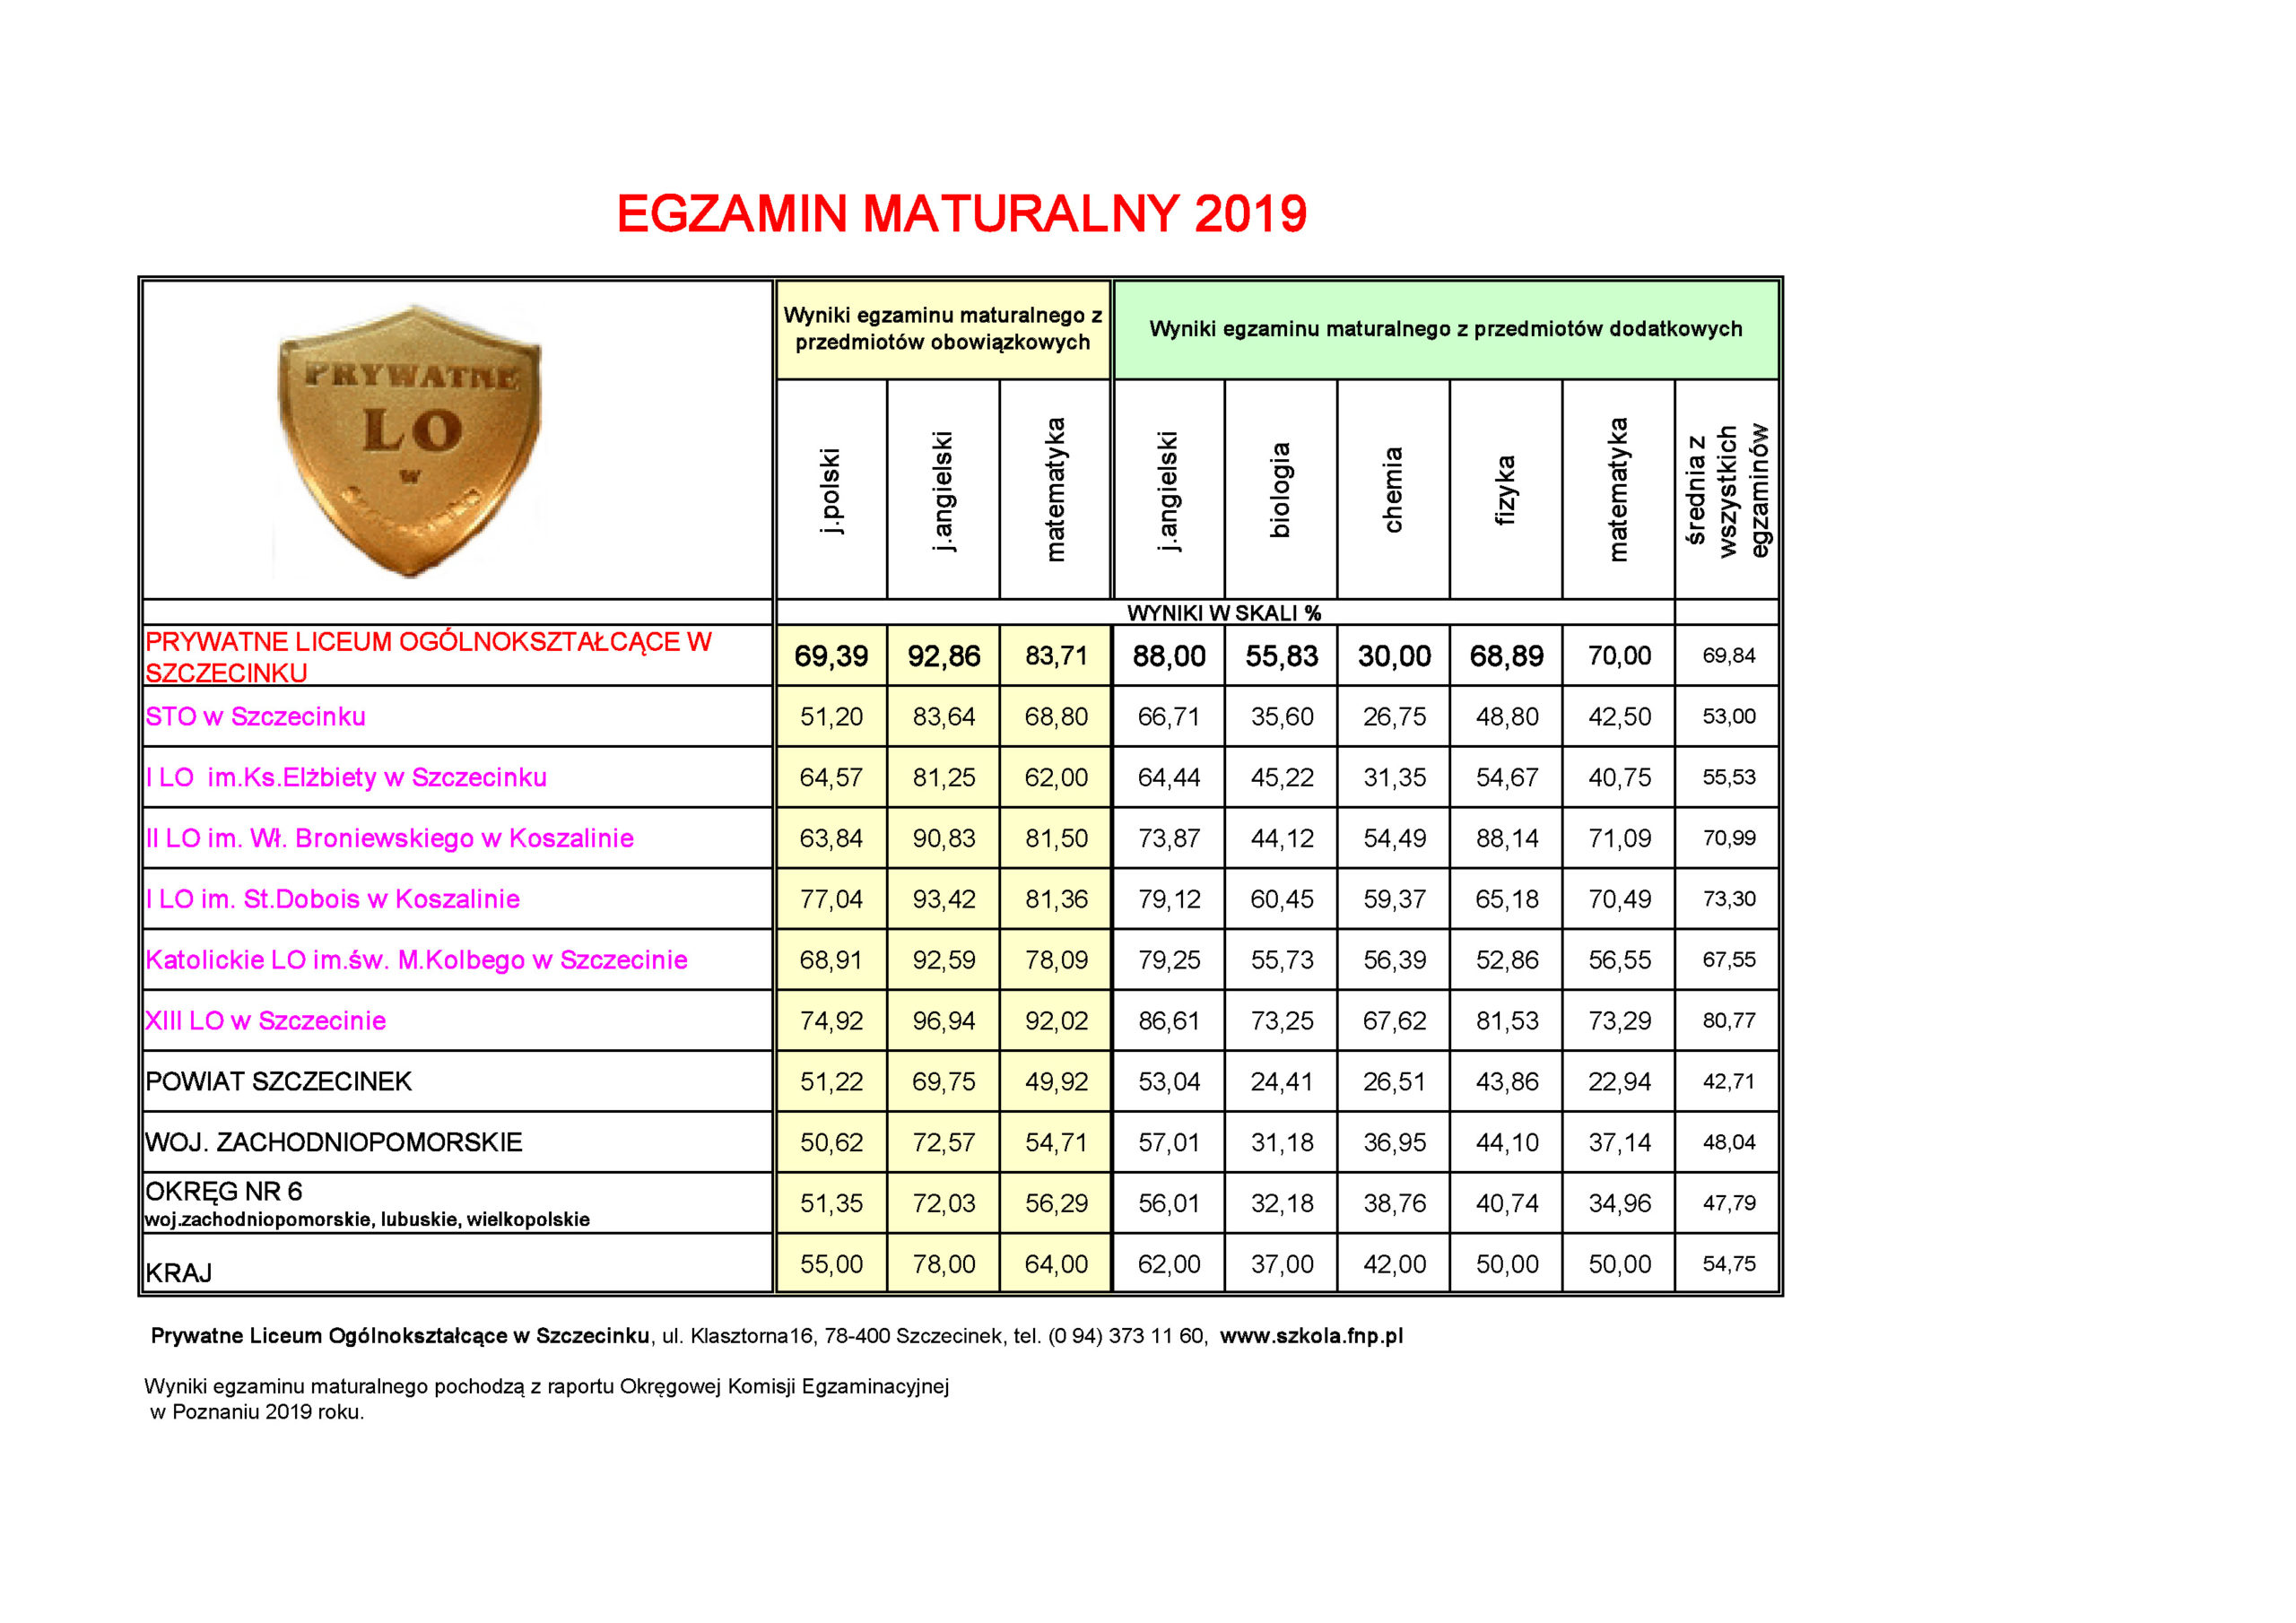 Matura 2019 - wyniki